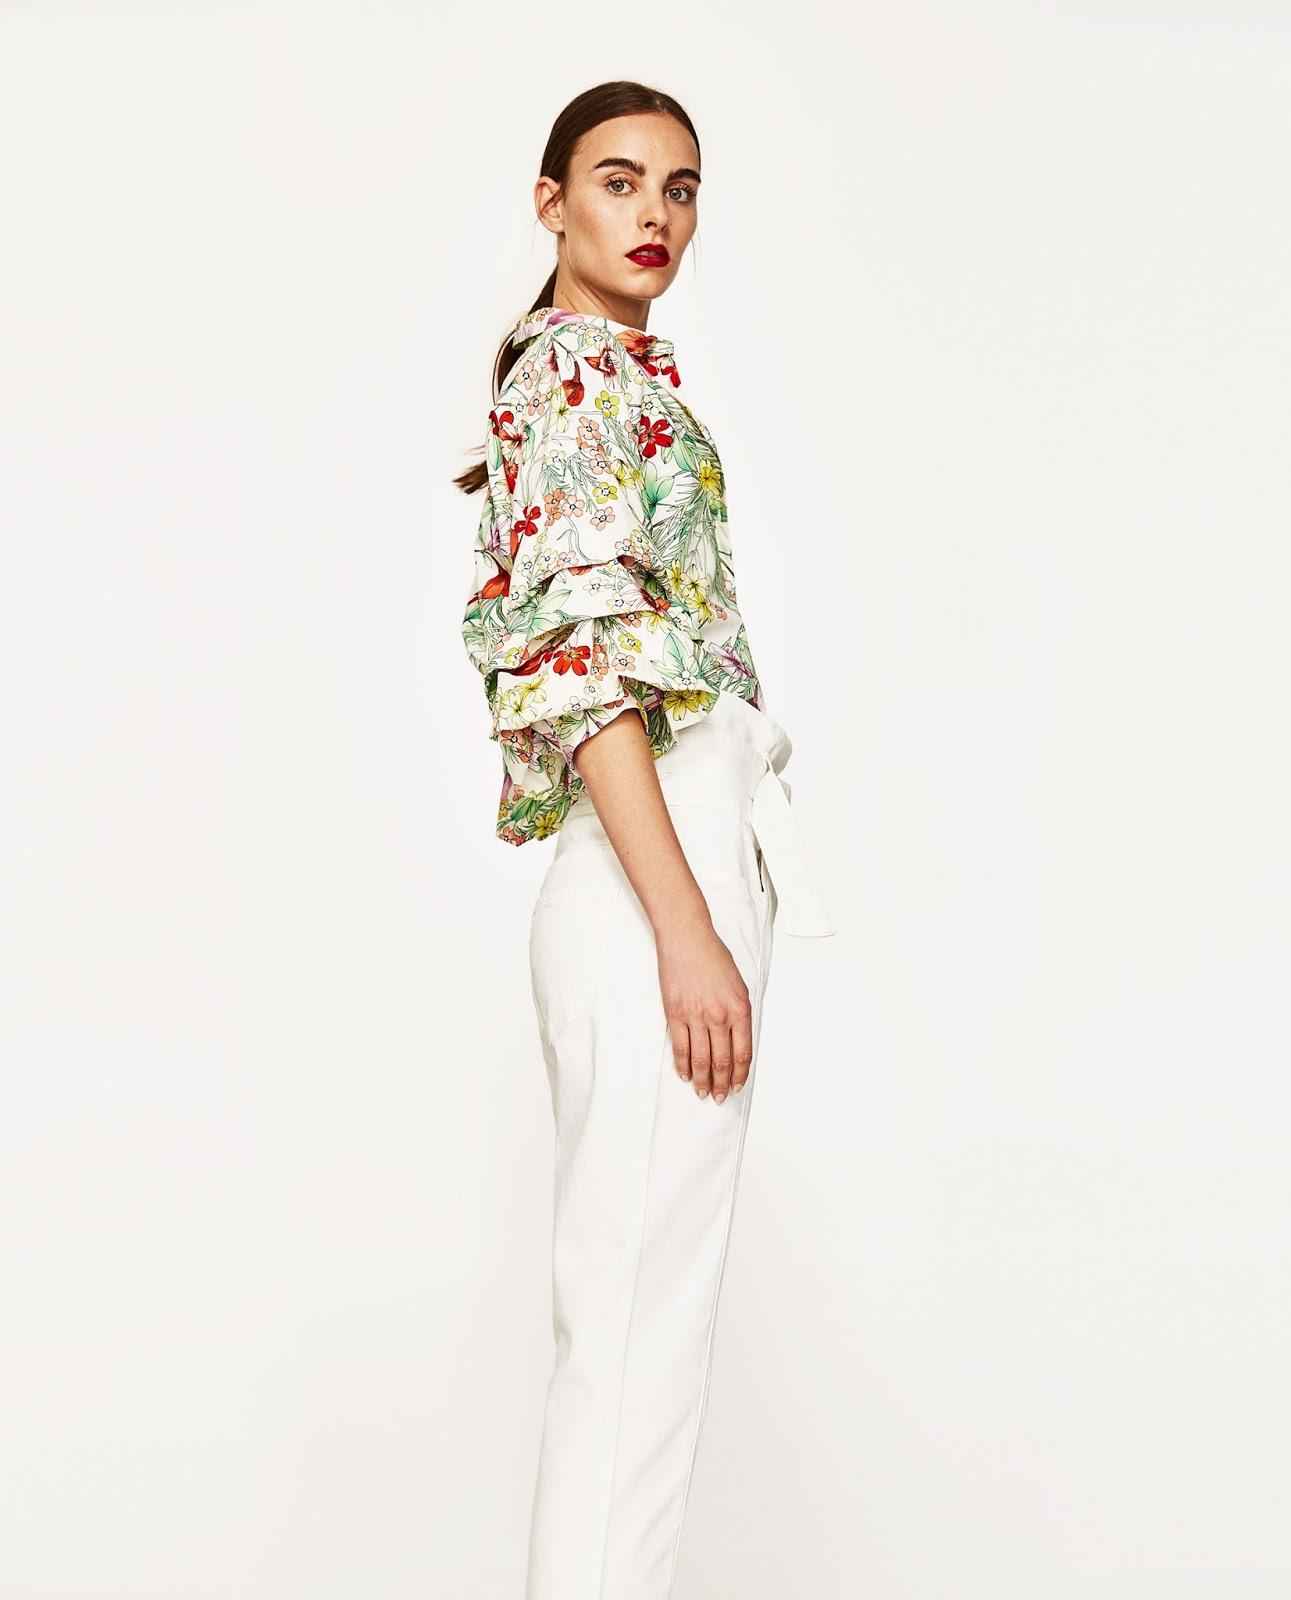 ZARA koszula z kwiatowym nadrukiem falbany, trendy modowe 2017, co kupić na wyprzedaży